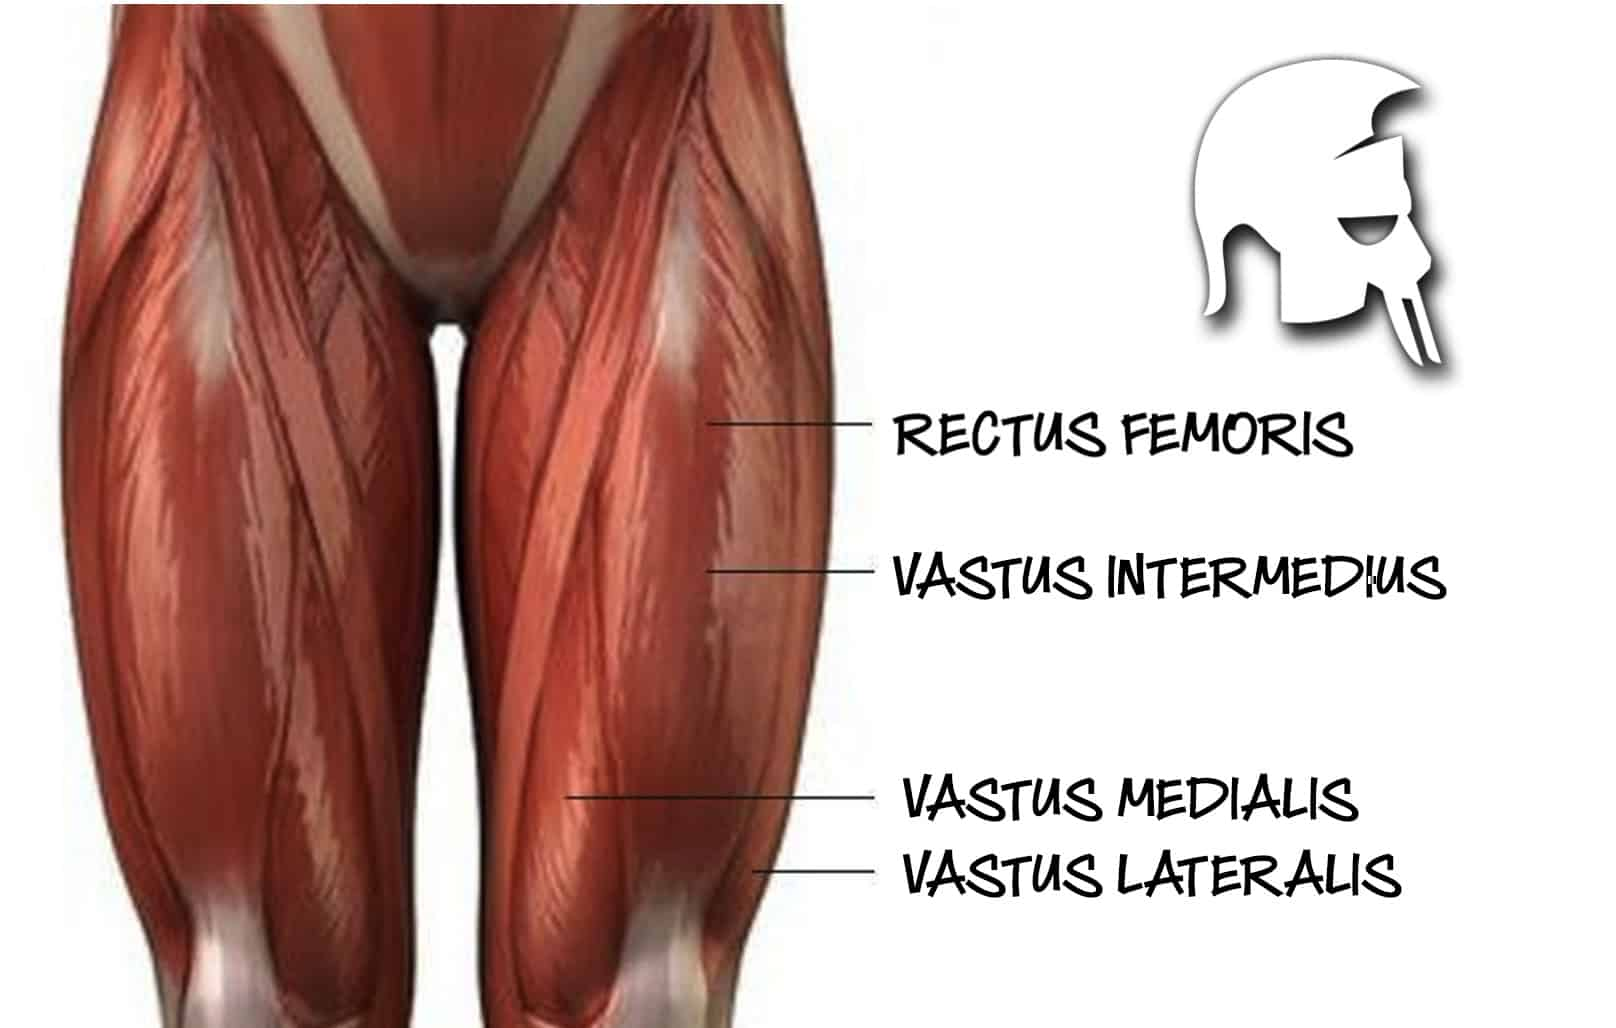 Quadrizeps Anatomie